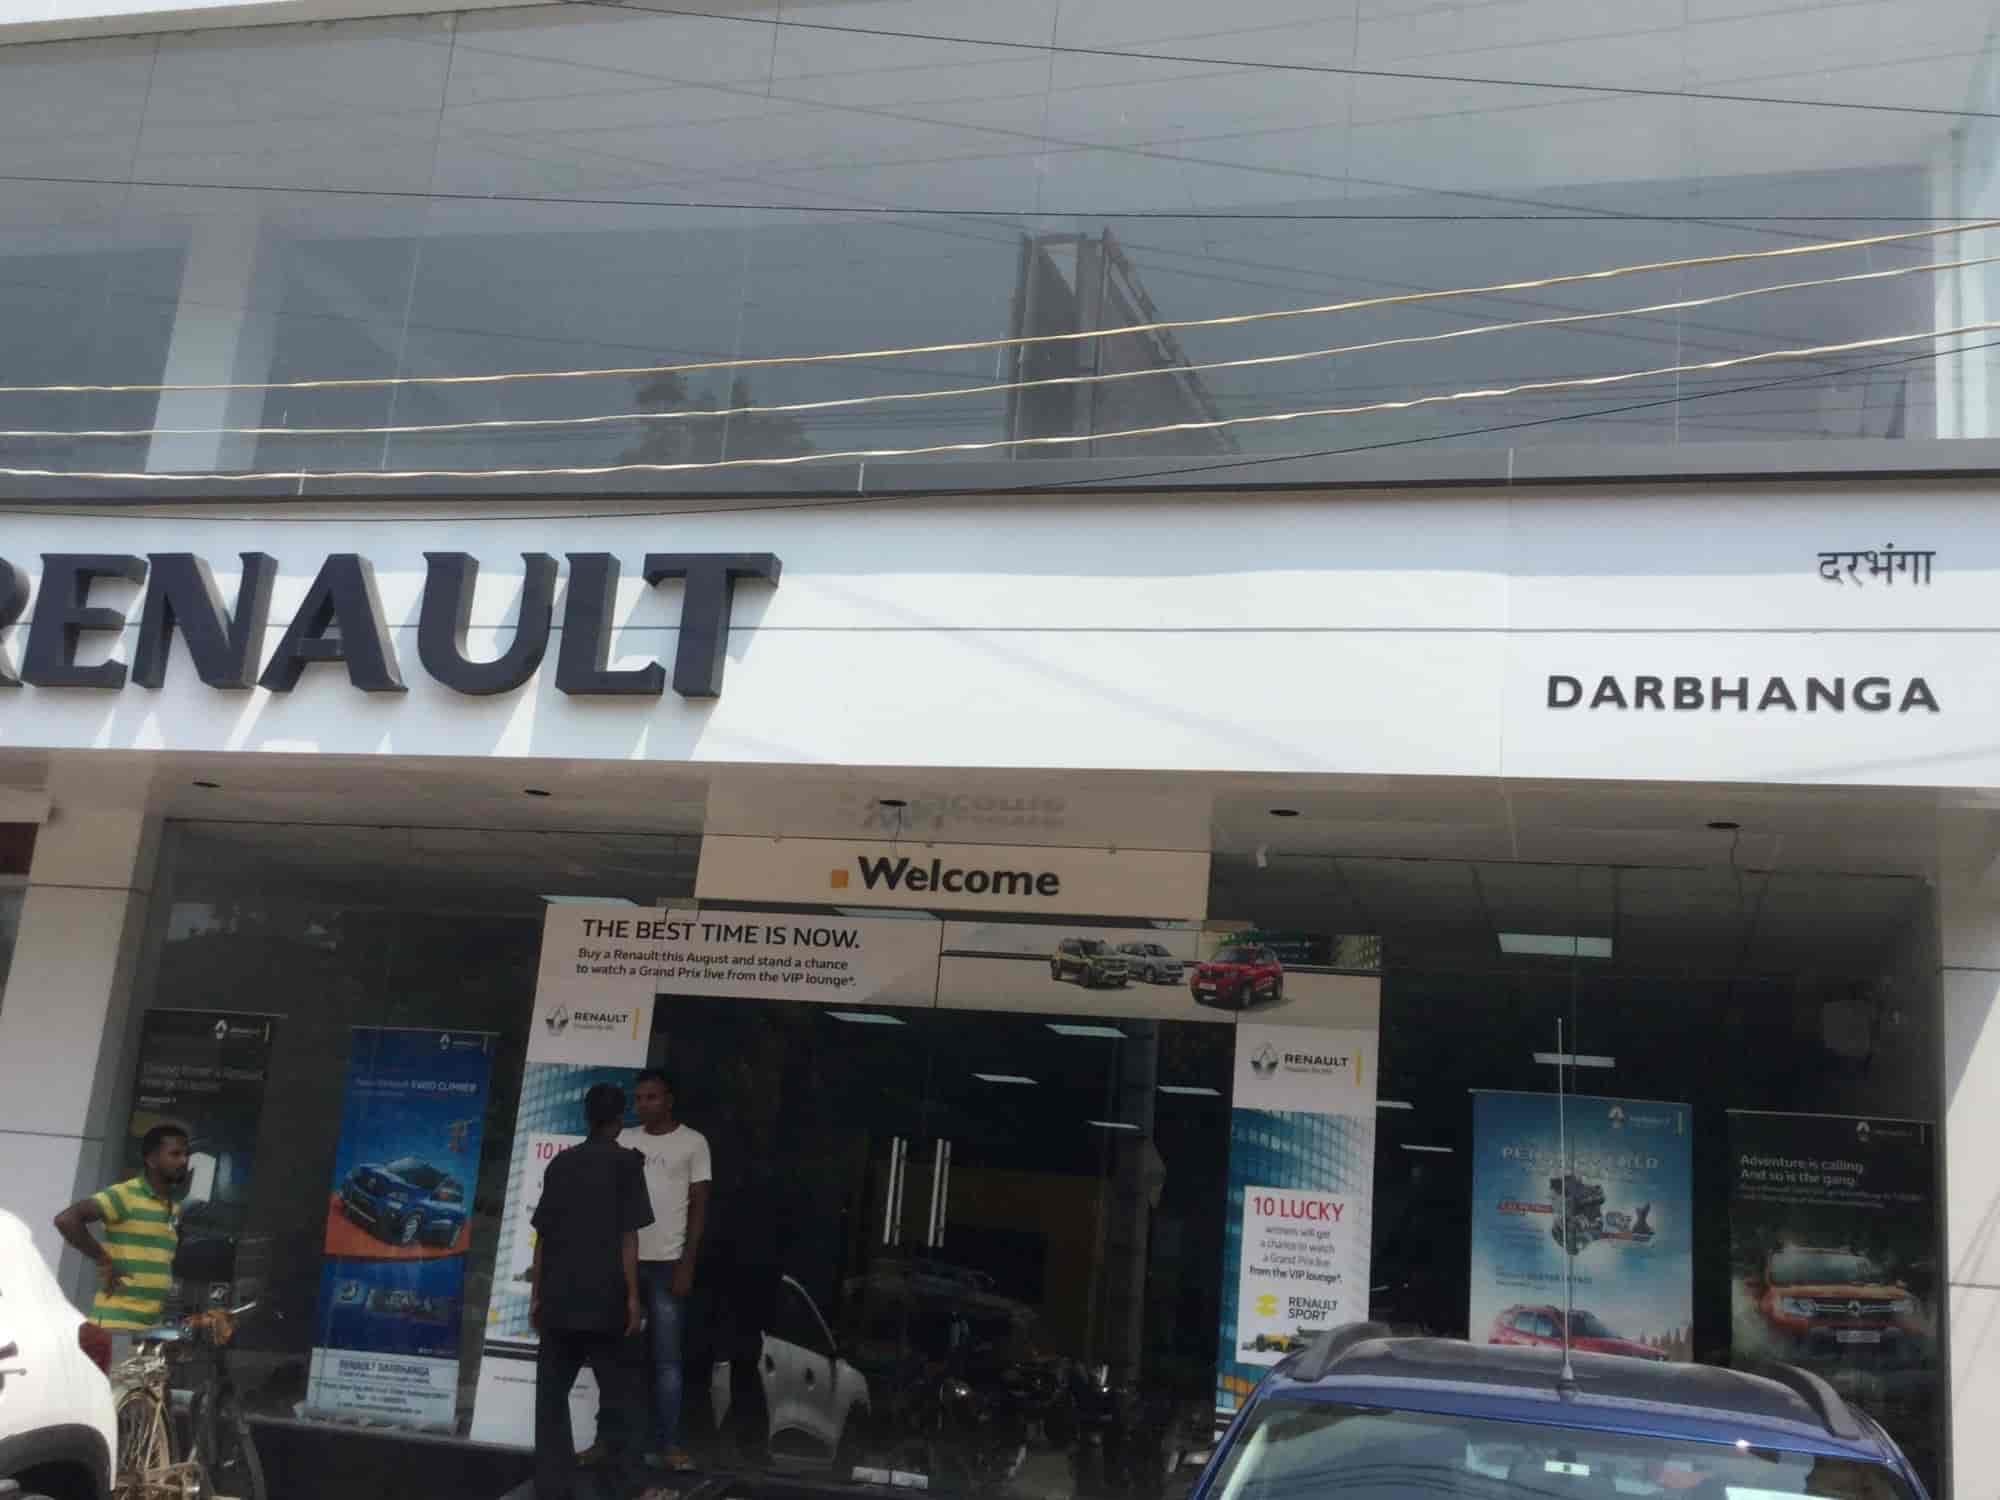 nexus motors pvt ltd - car dealers in darbhanga - justdial